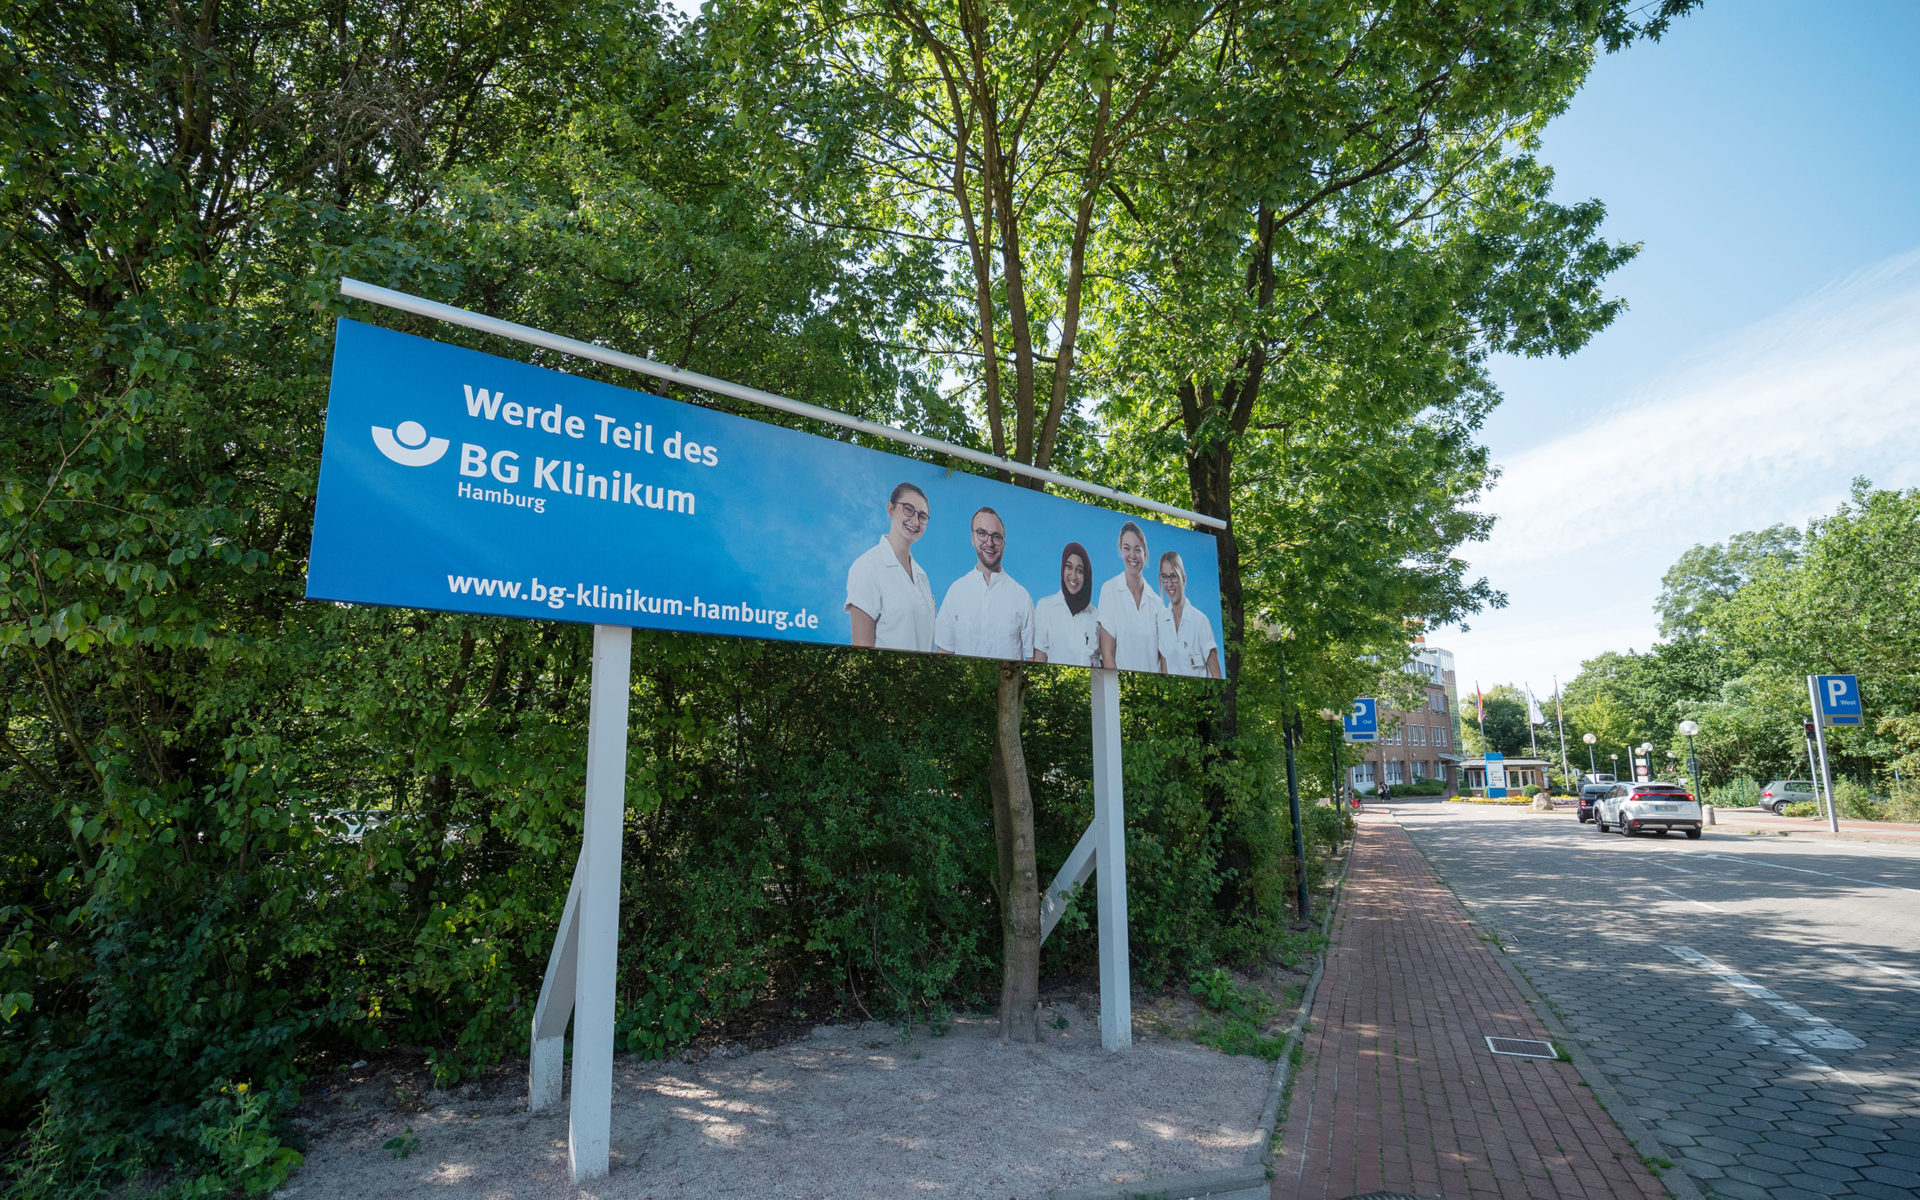 Großformat-Banner vor der Zufahrt des BG Klinikums Hamburg